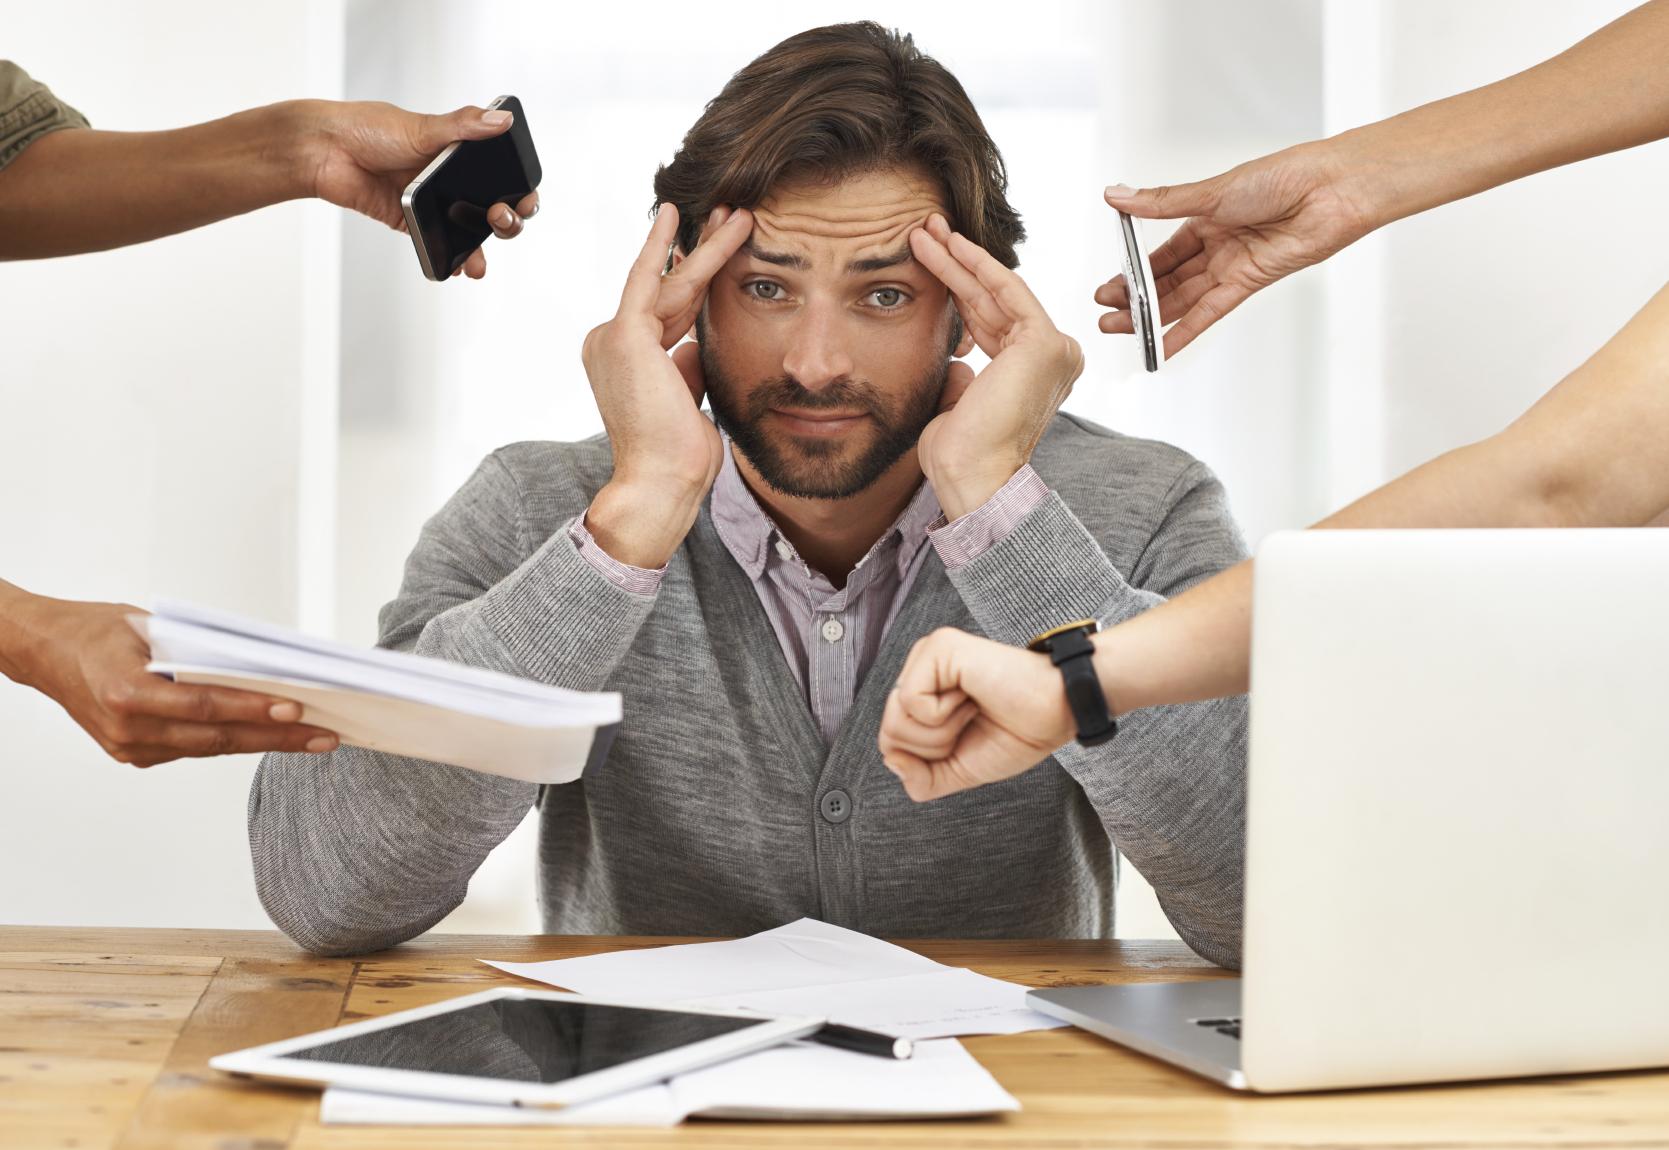 الإجهاد والضغط العصبي